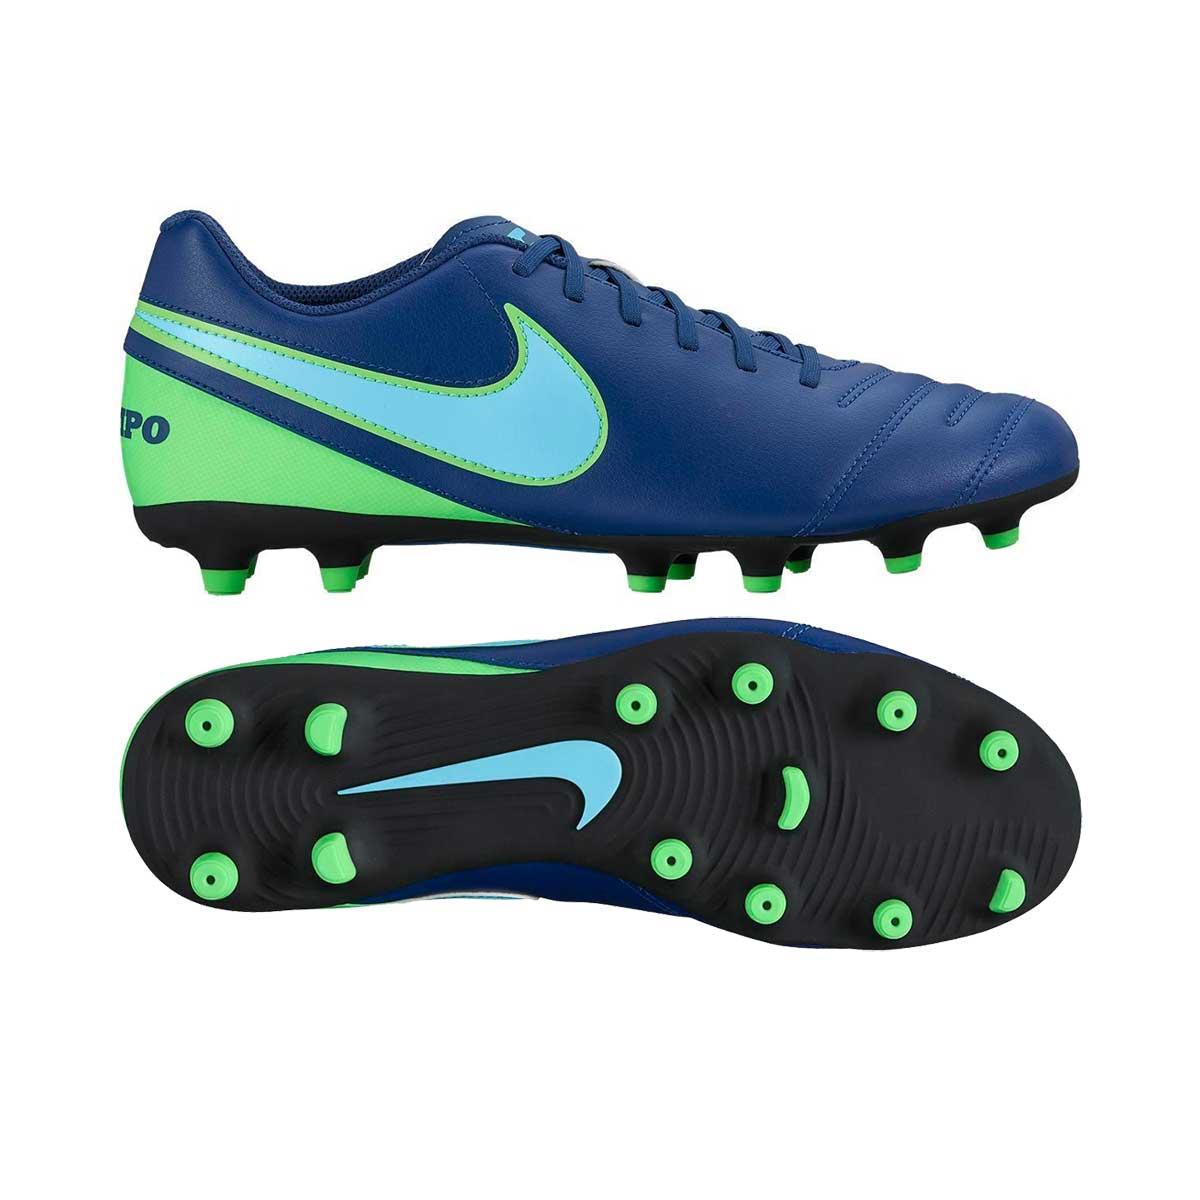 b1720bf9fdfe Buy Nike Tiempo Rio III FG Football Shoes (Coastal Blue/Blue) Online